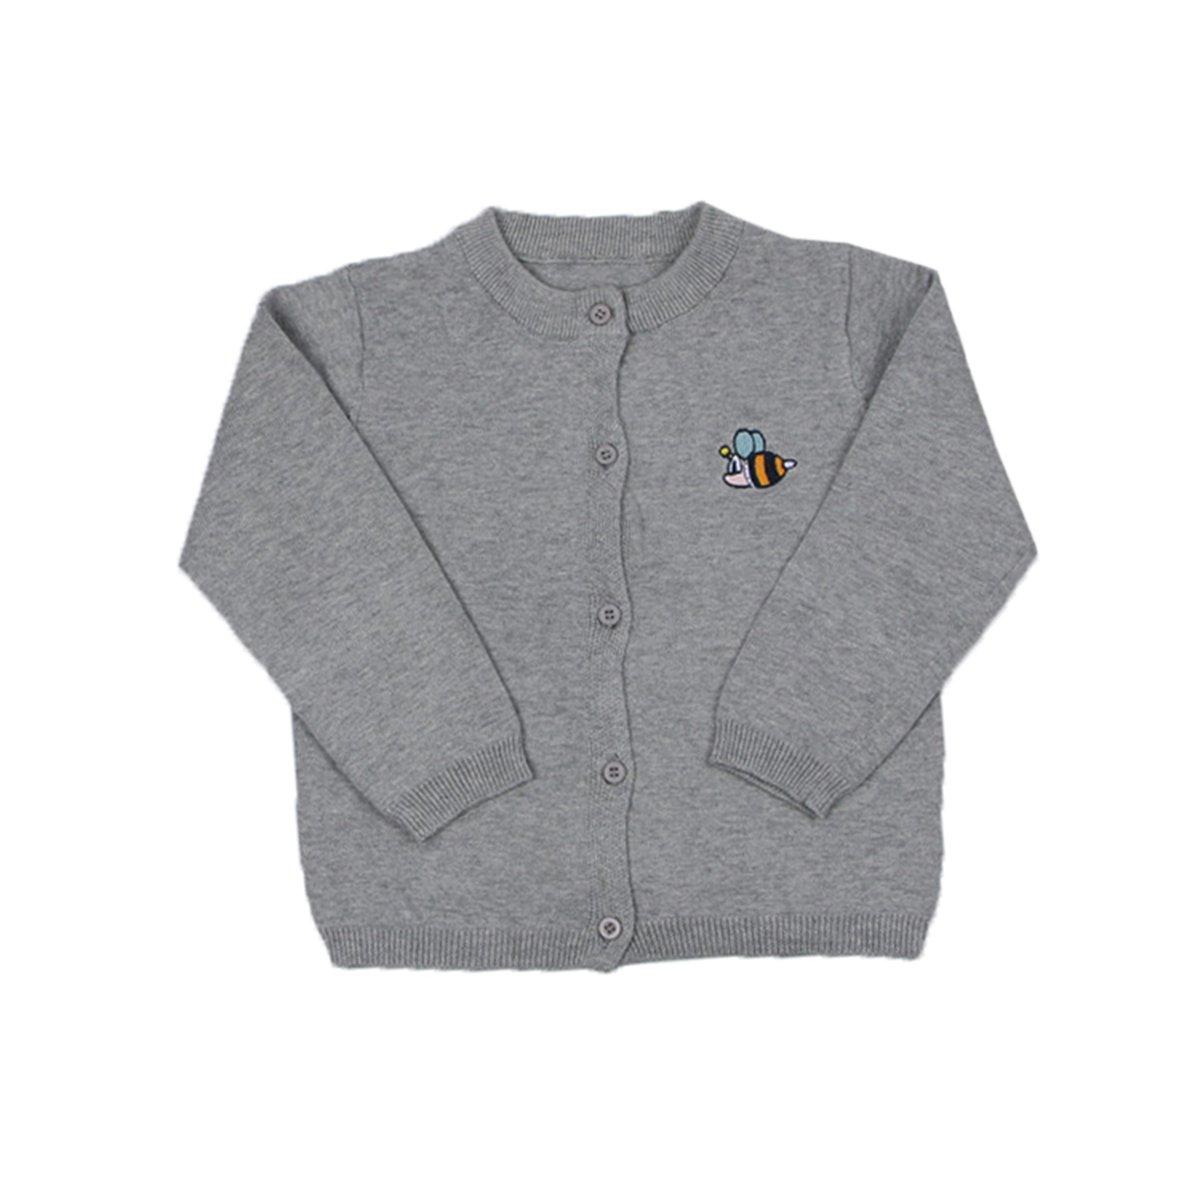 Lemonkid Trendy Unisex Kids Cotton Cardigan Bee Embroidery Knitwear Sweater 100cm/fit 2-3 T